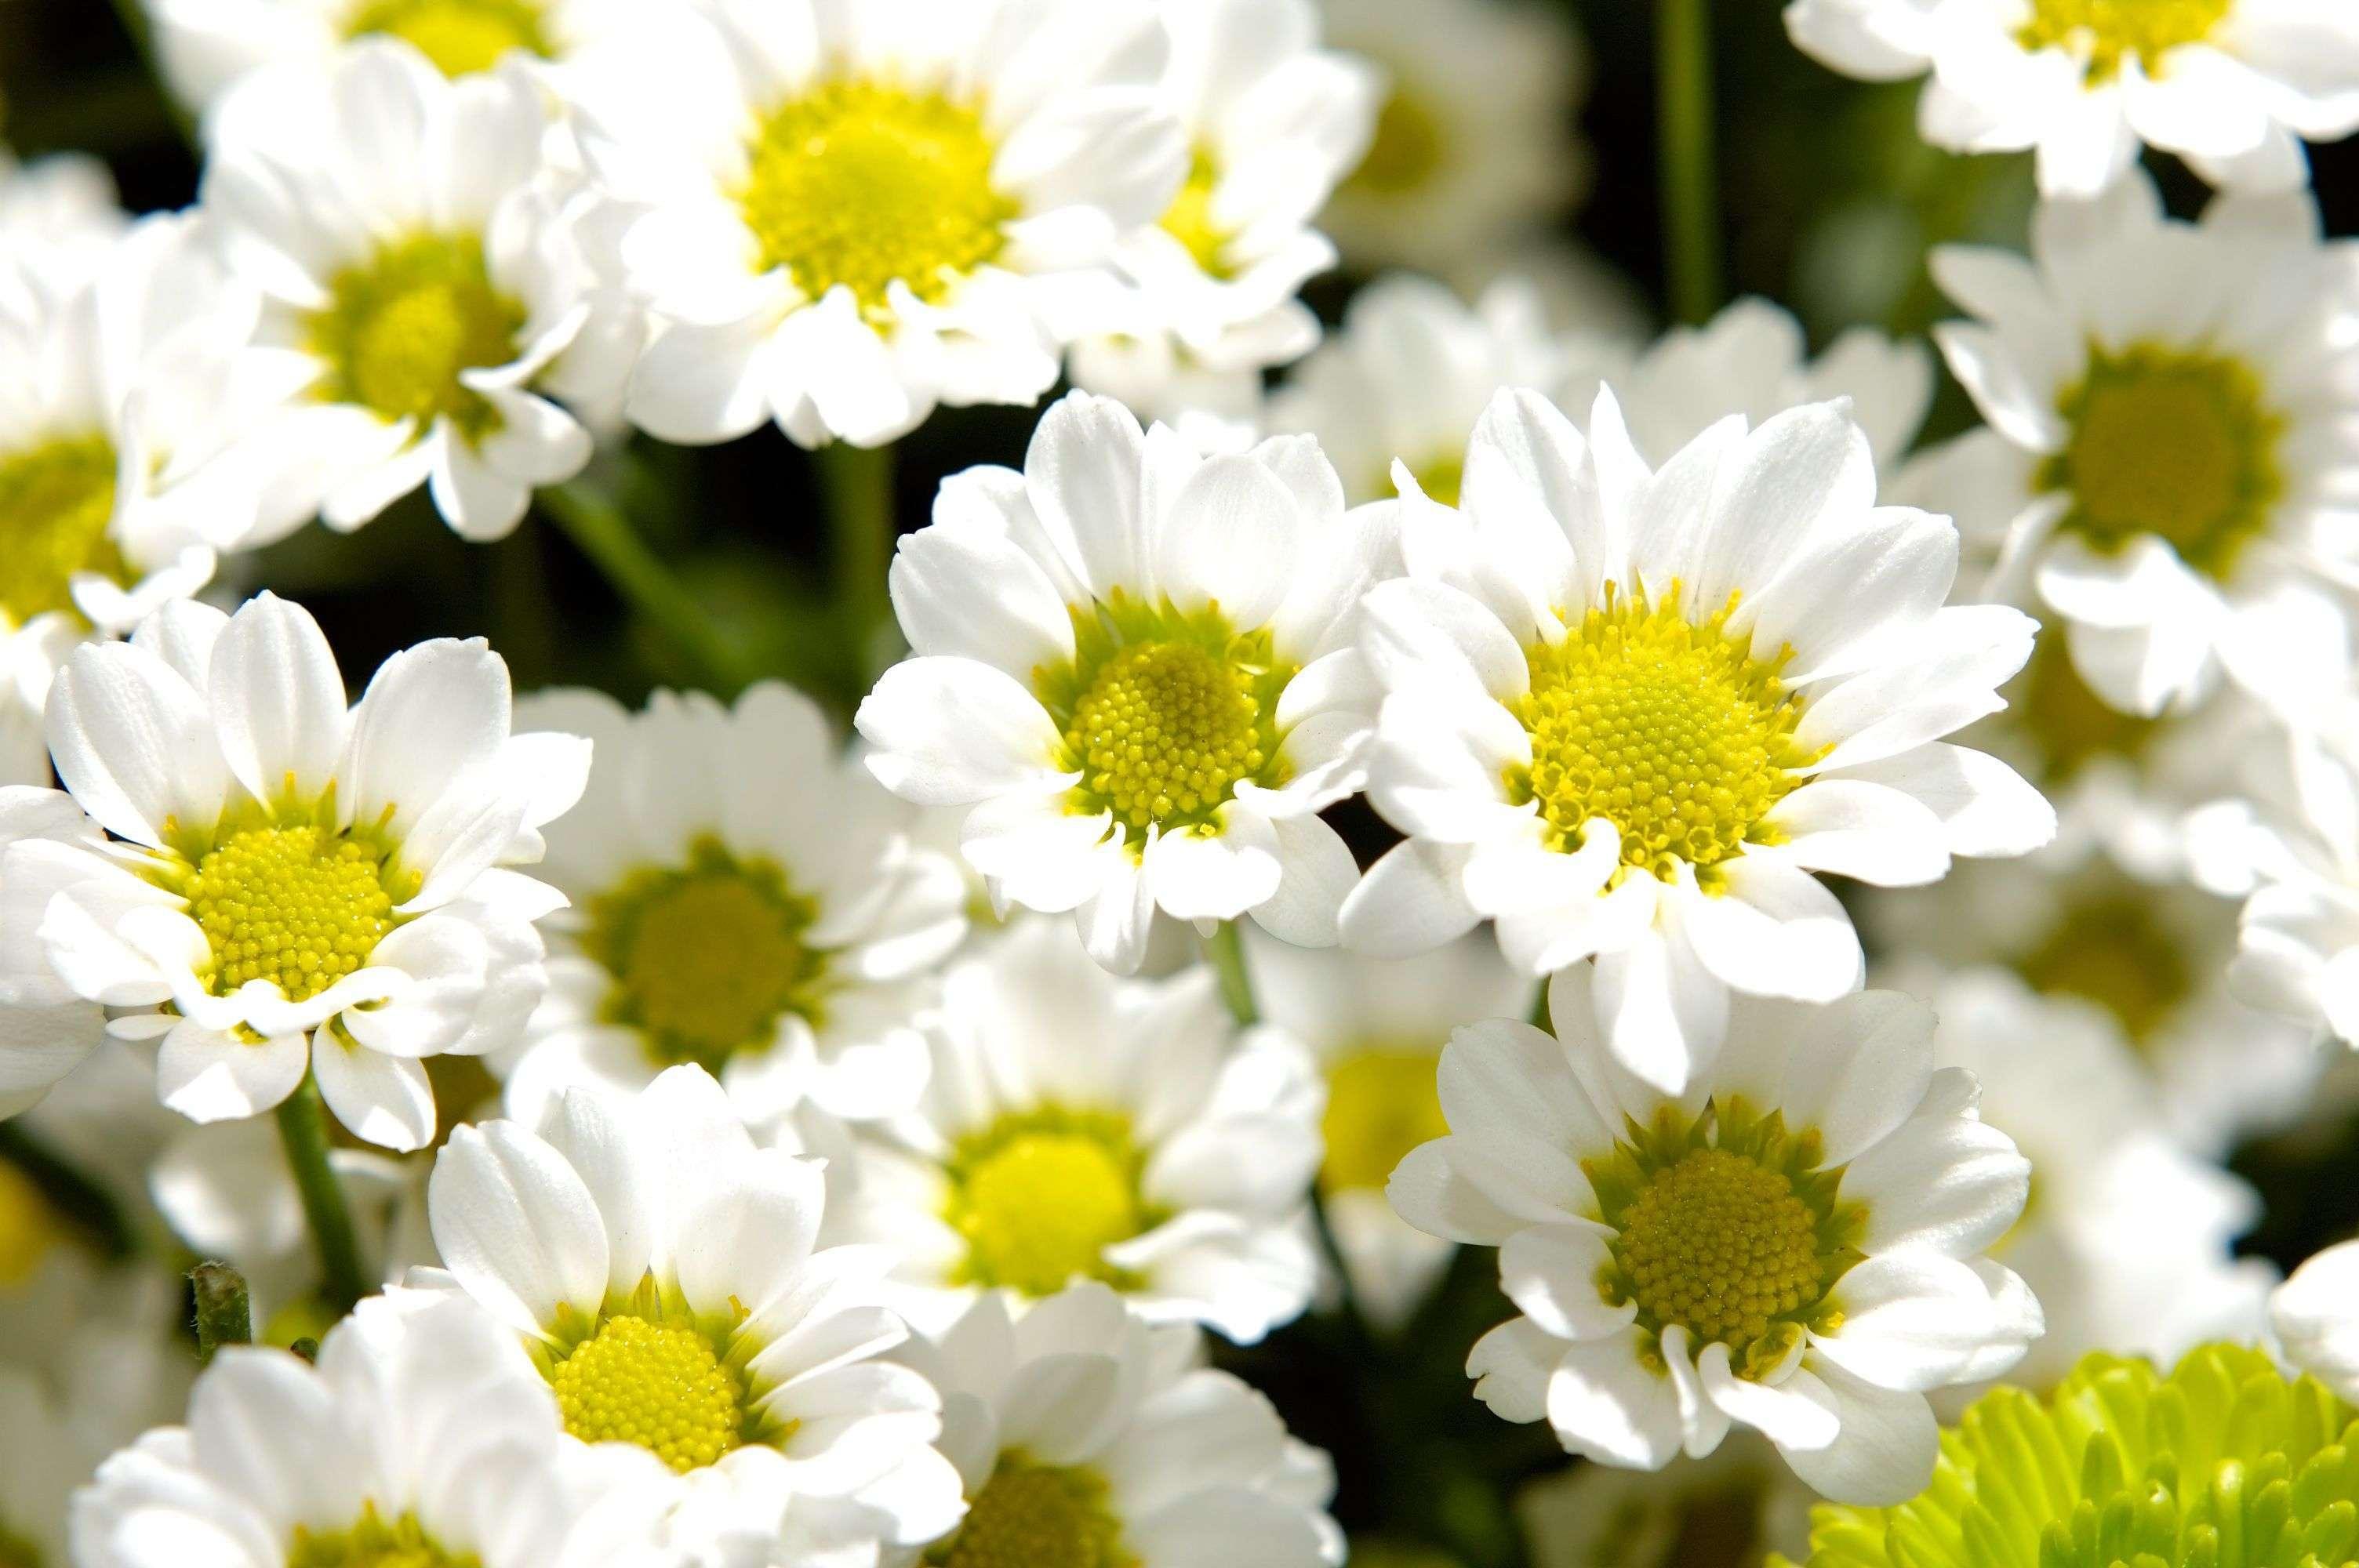 Сорта хризантем, разнообразие цветов и их фото